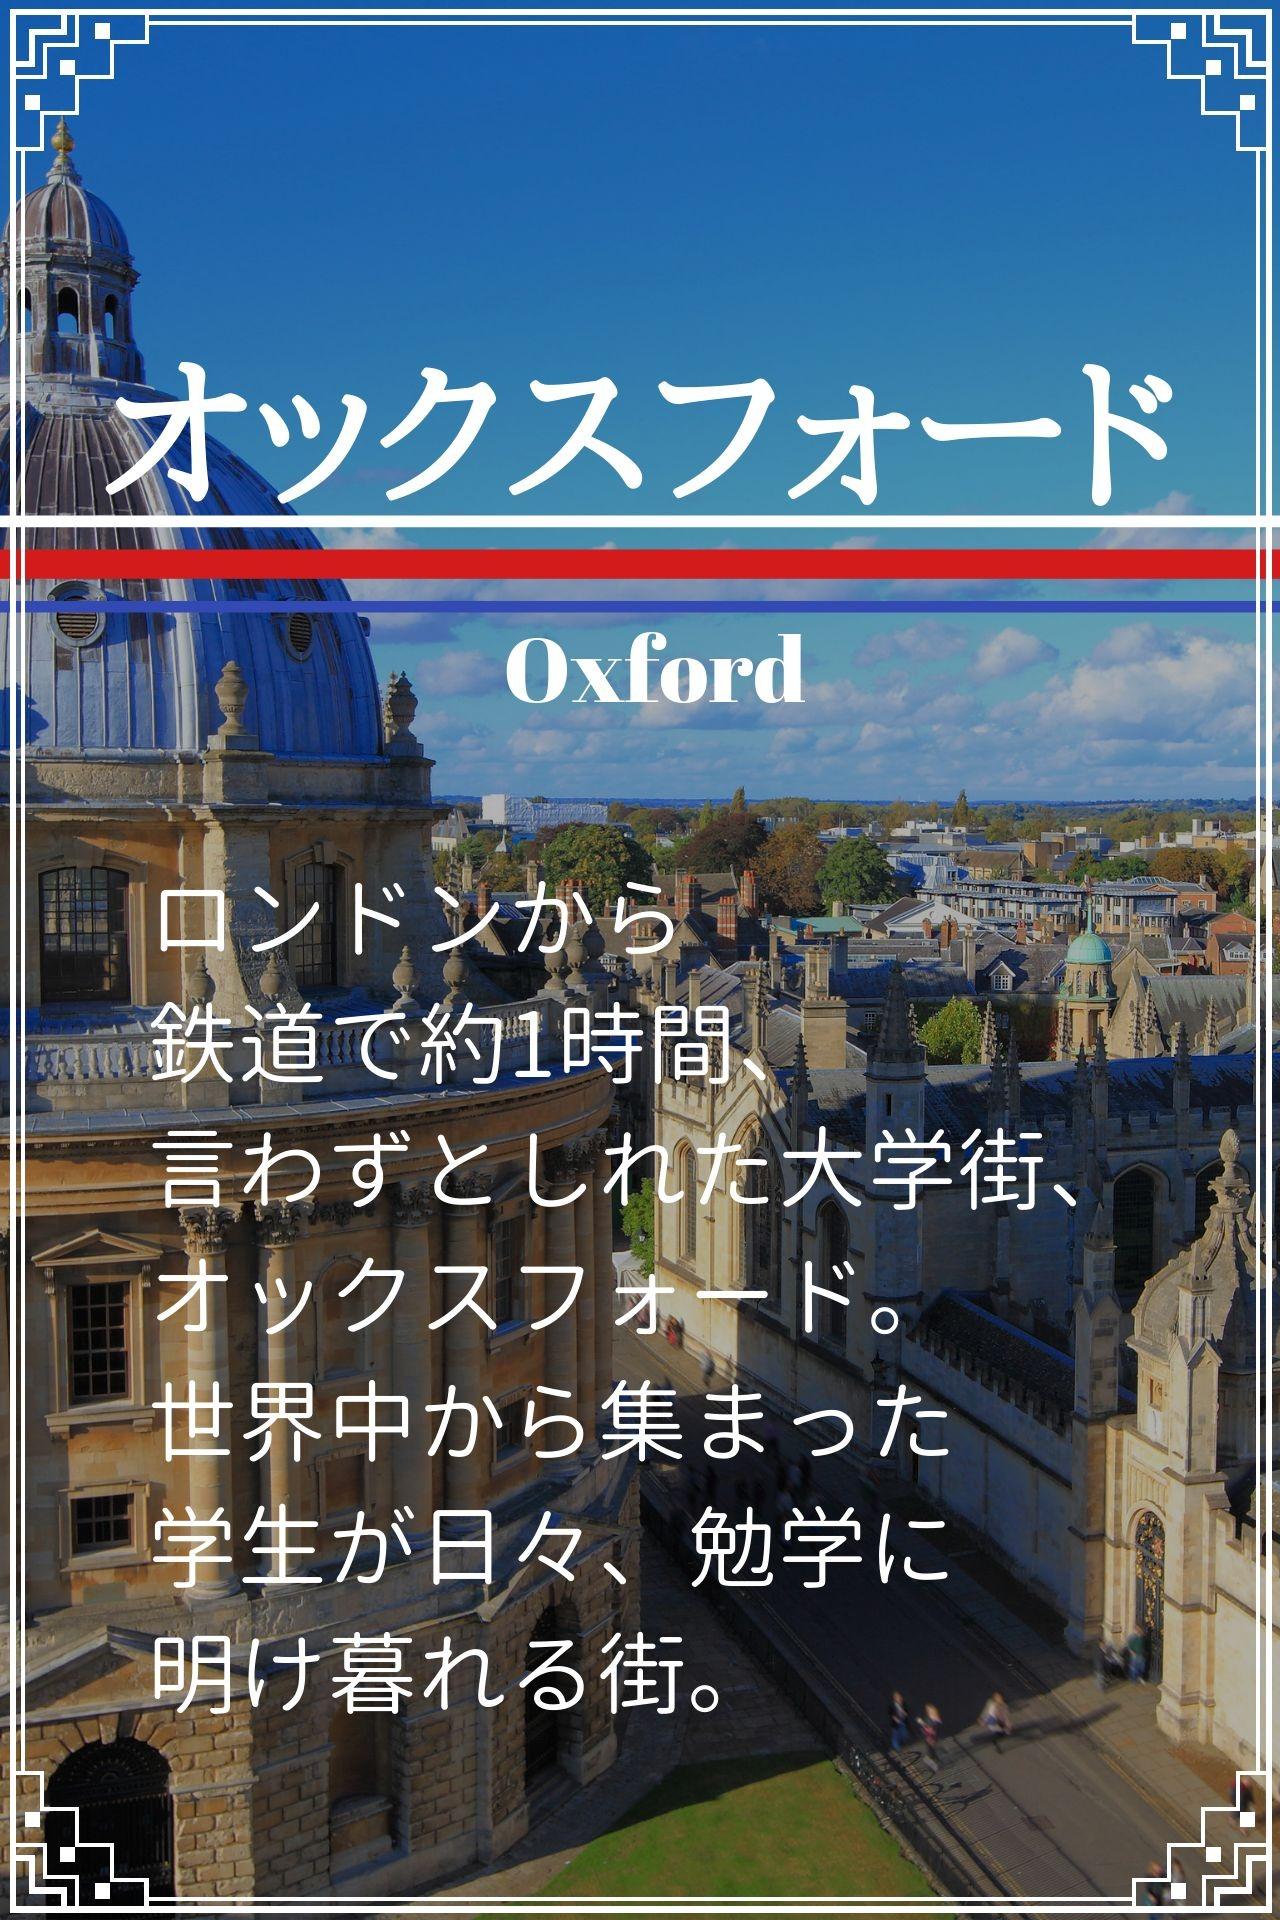 オックスフォード留学spバナー